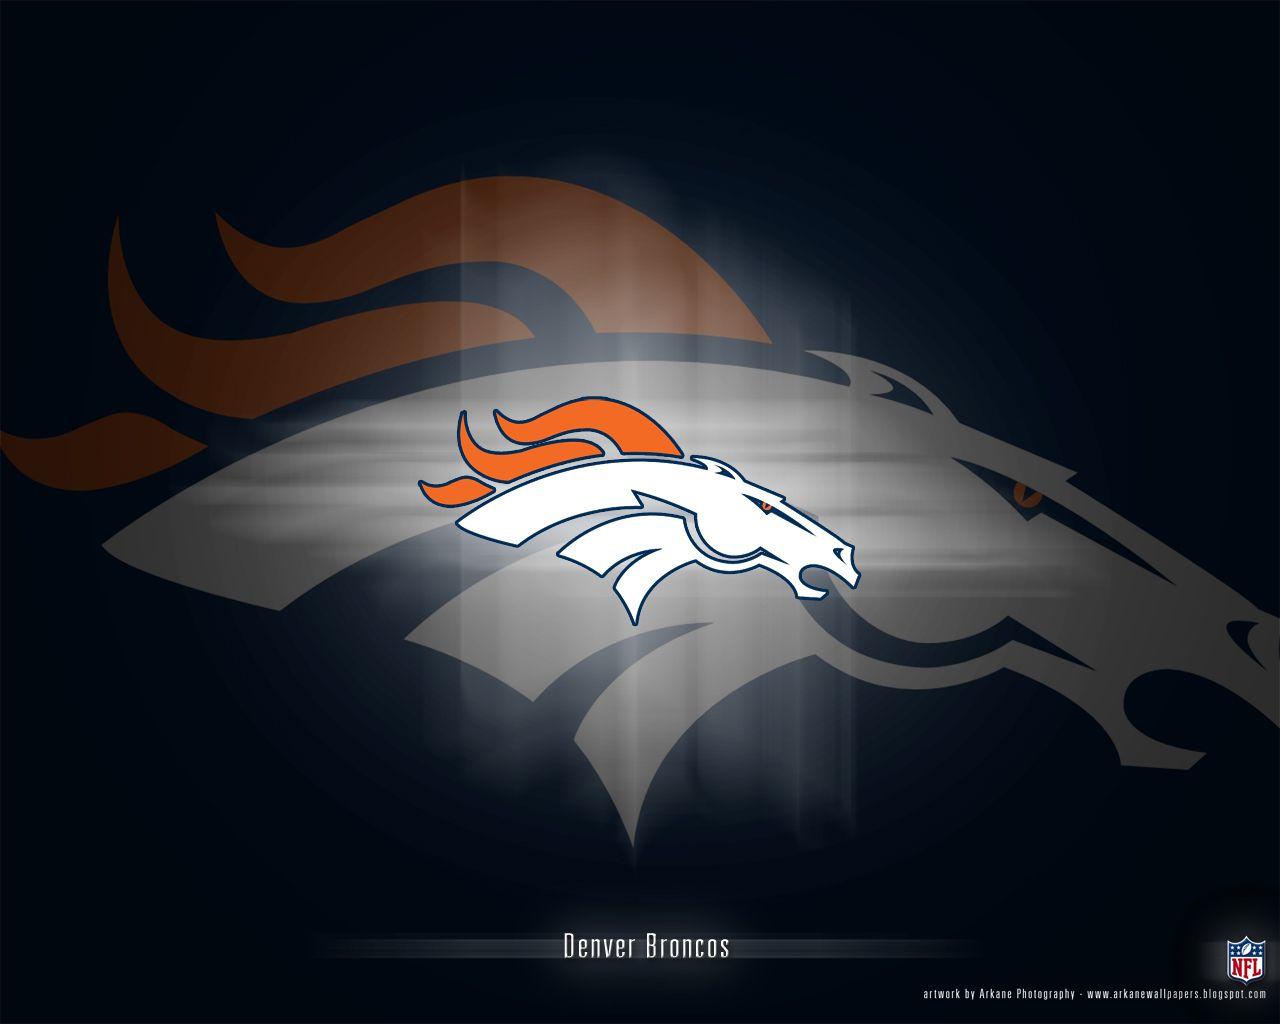 Denver Broncos Wallpaper Arkane NFL Wallpapers Denver